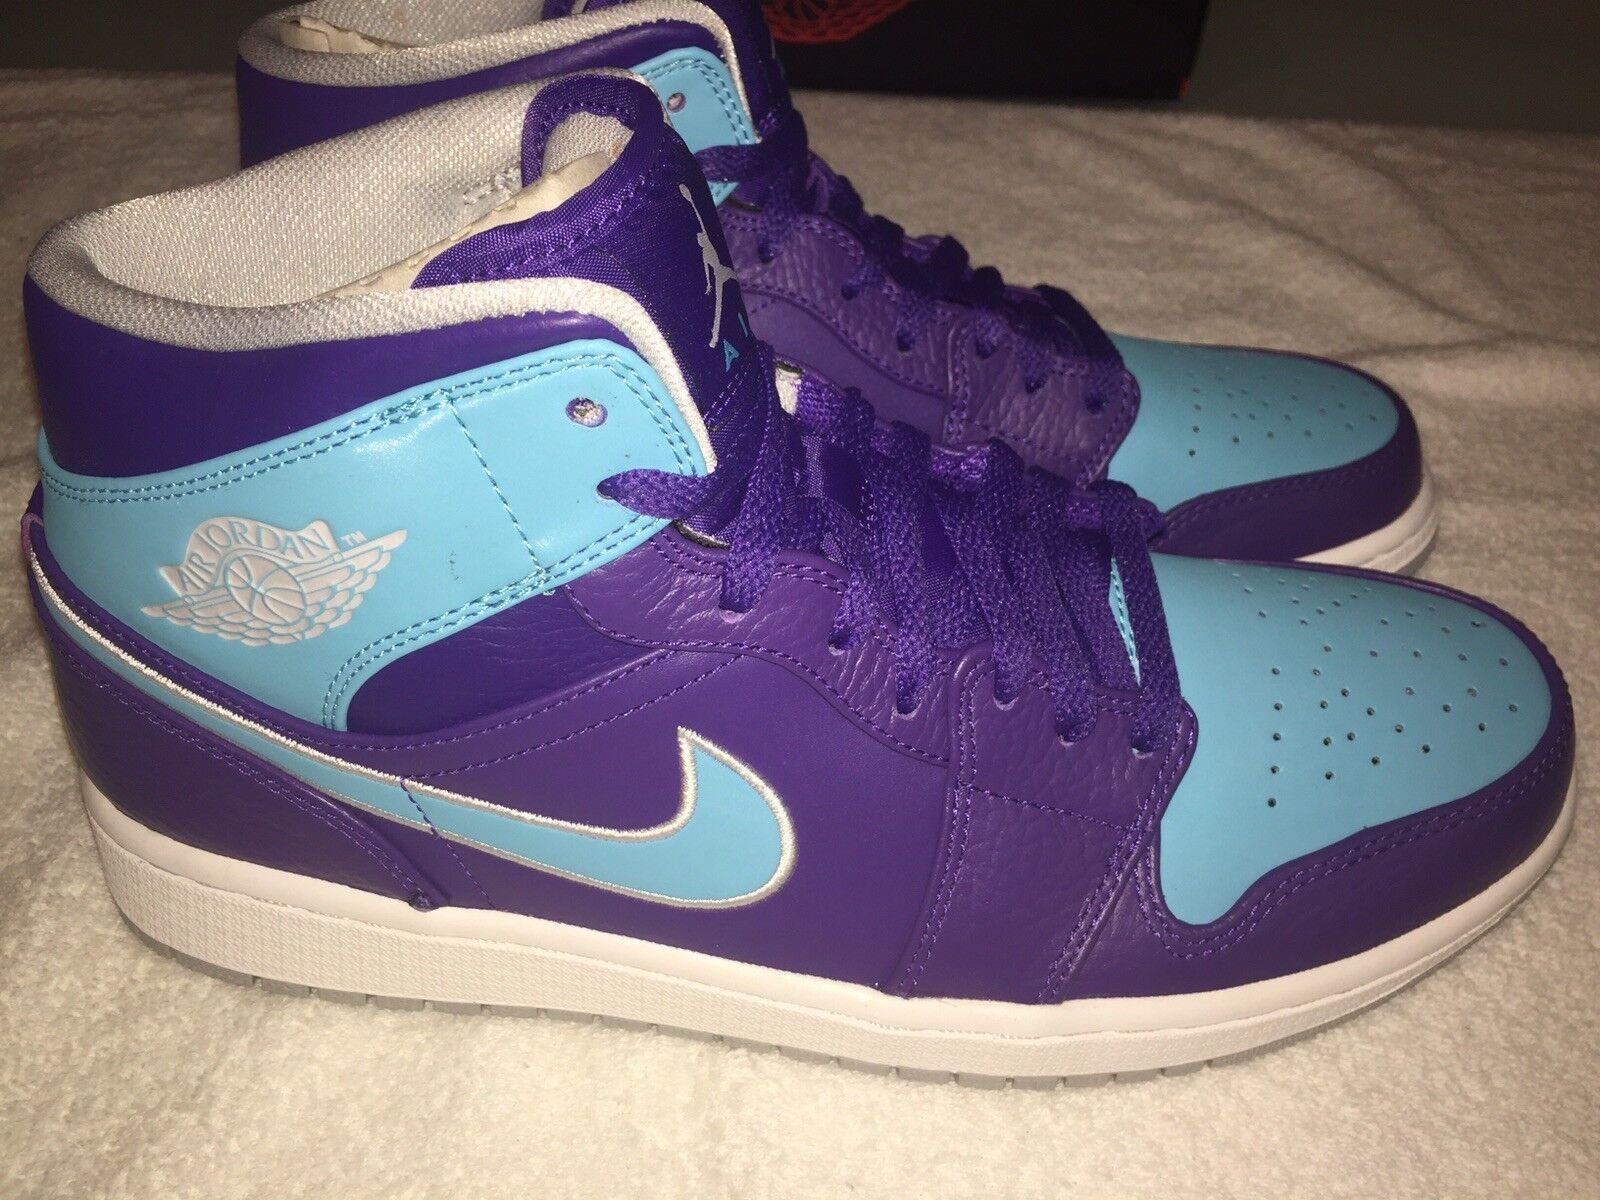 New Air Jordan Retro 1's Charlotte Hornets Men's Size 10